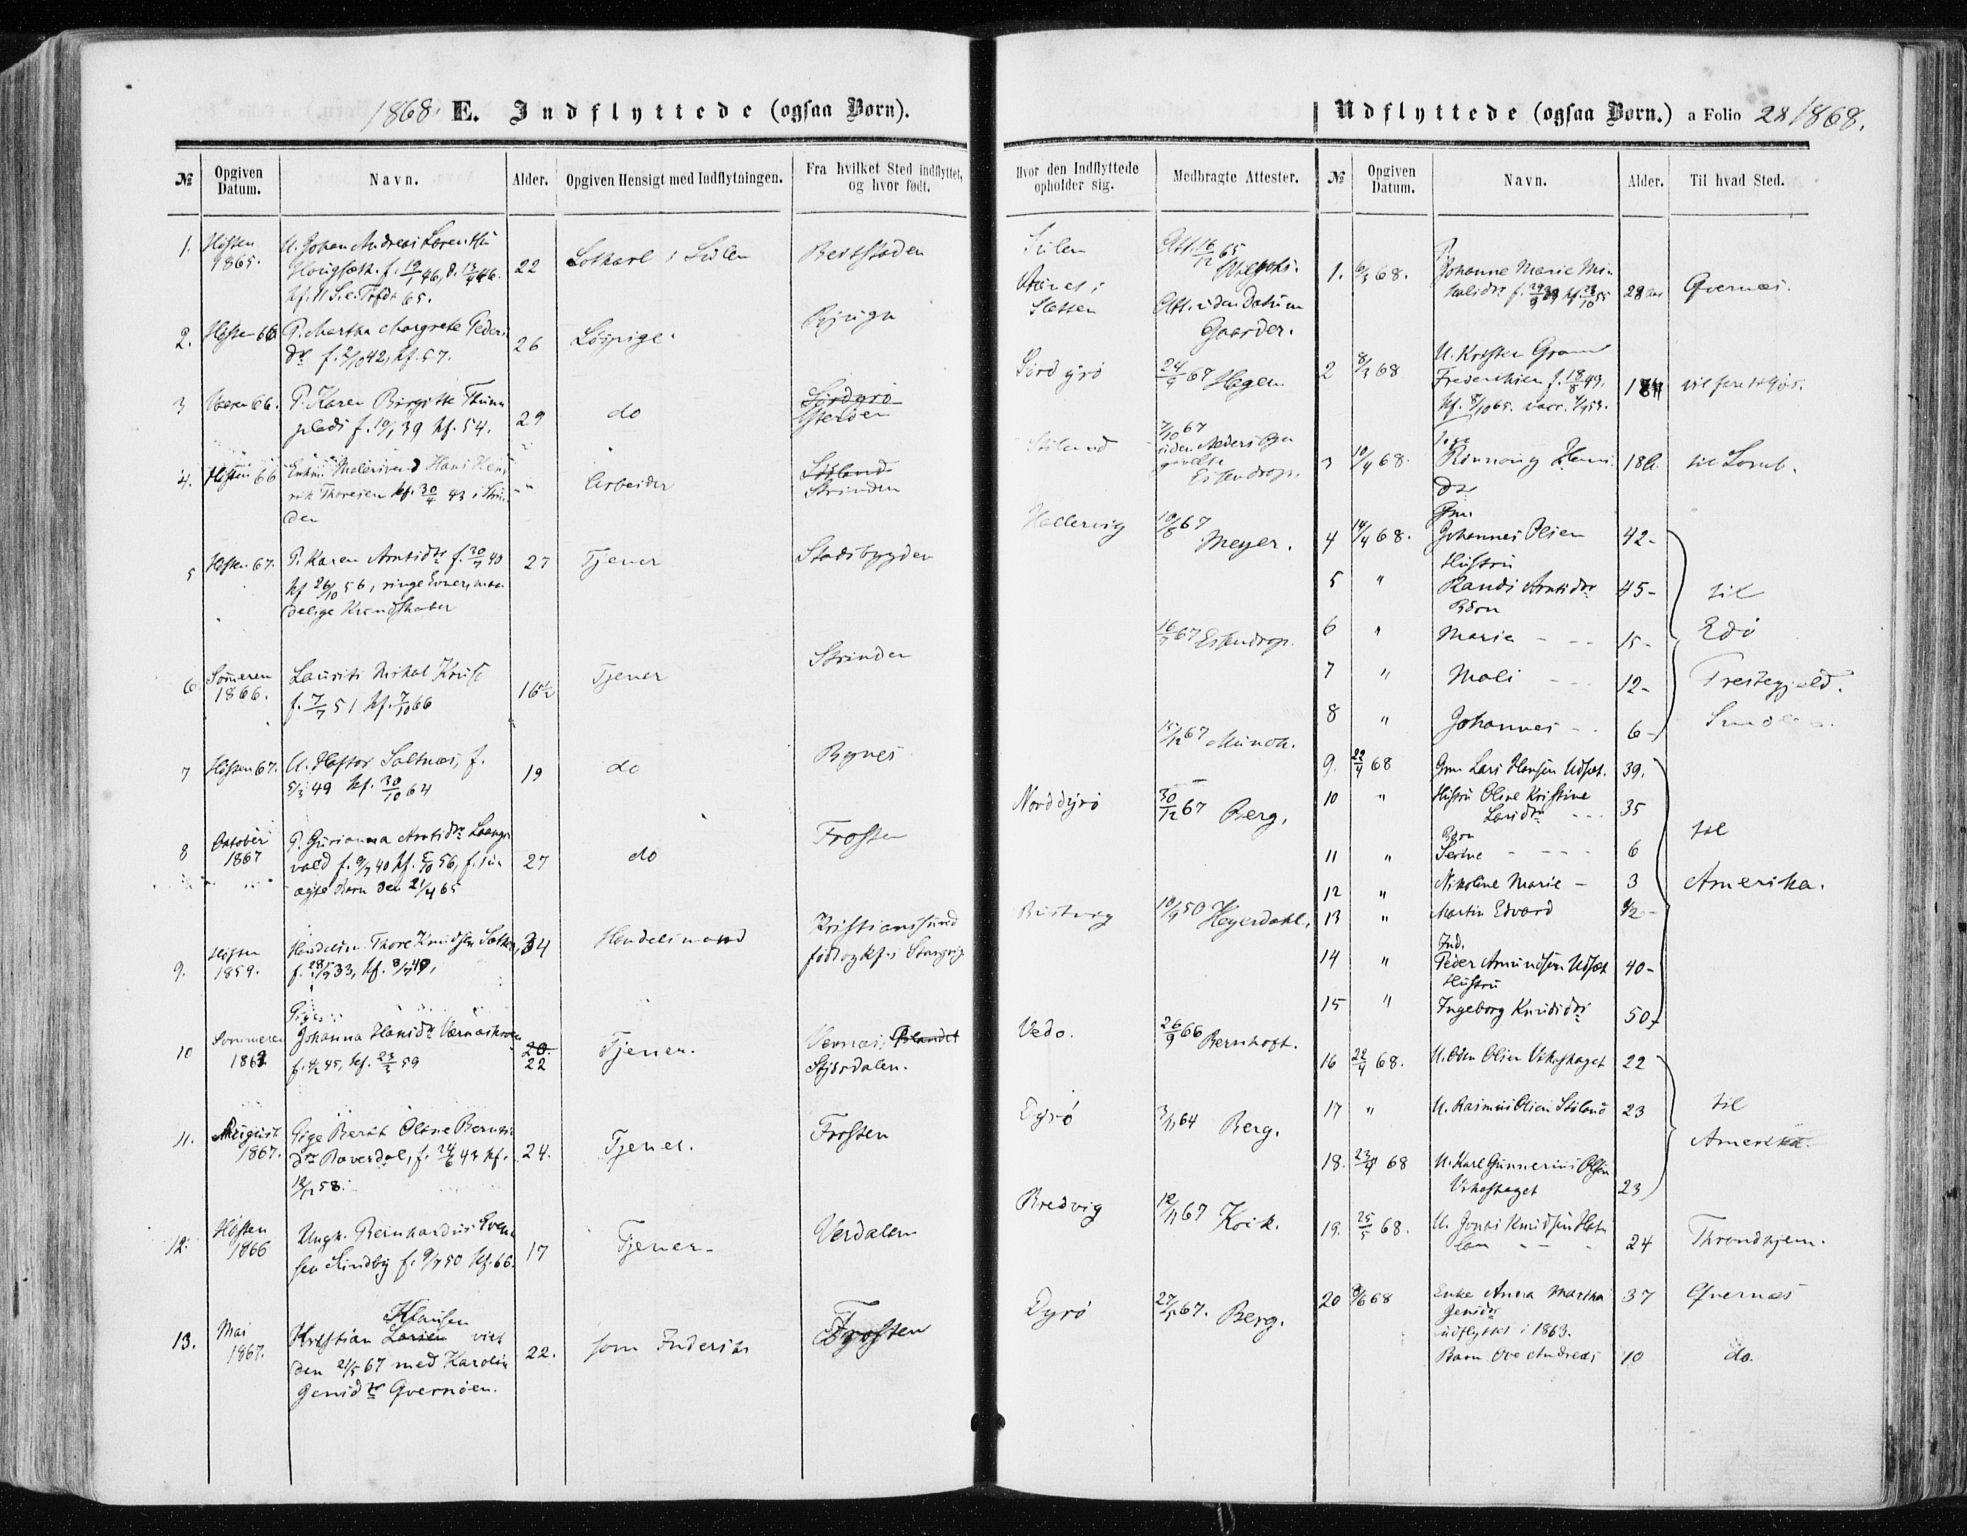 SAT, Ministerialprotokoller, klokkerbøker og fødselsregistre - Sør-Trøndelag, 634/L0531: Ministerialbok nr. 634A07, 1861-1870, s. 28